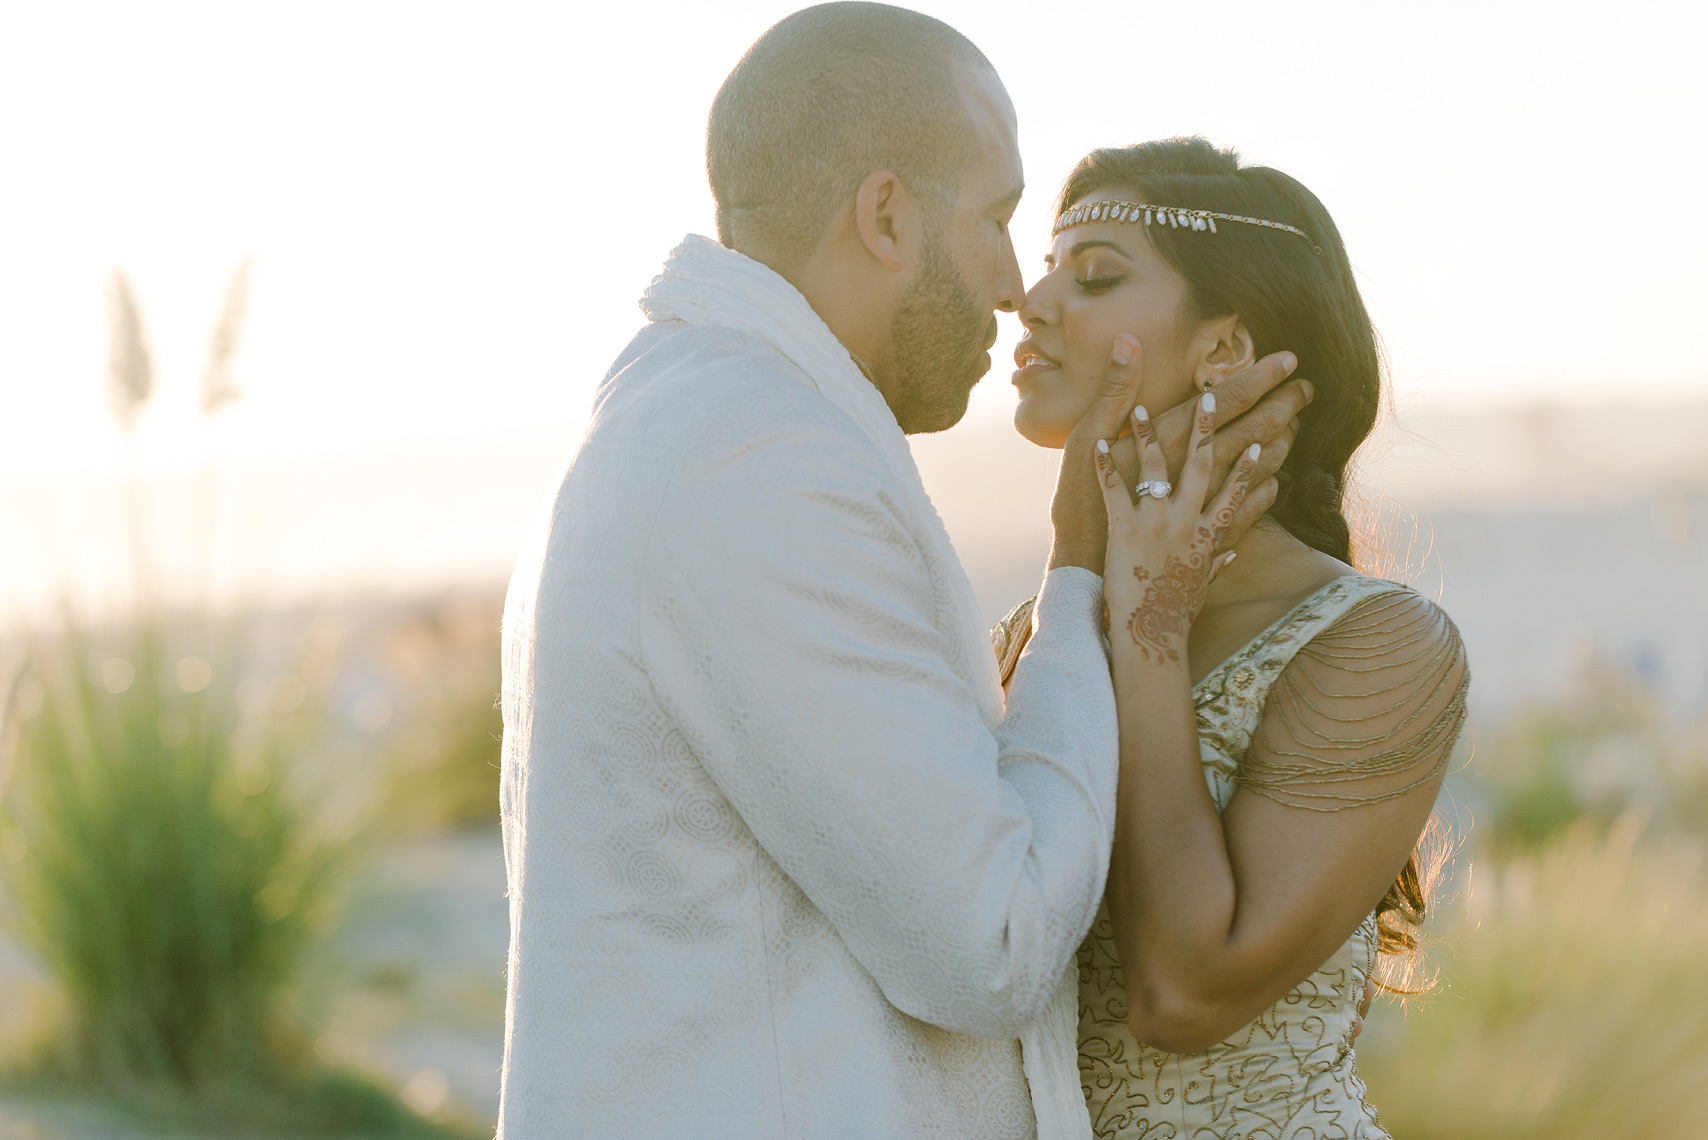 18-hotel-del-coronado-celebrity-wedding.jpg